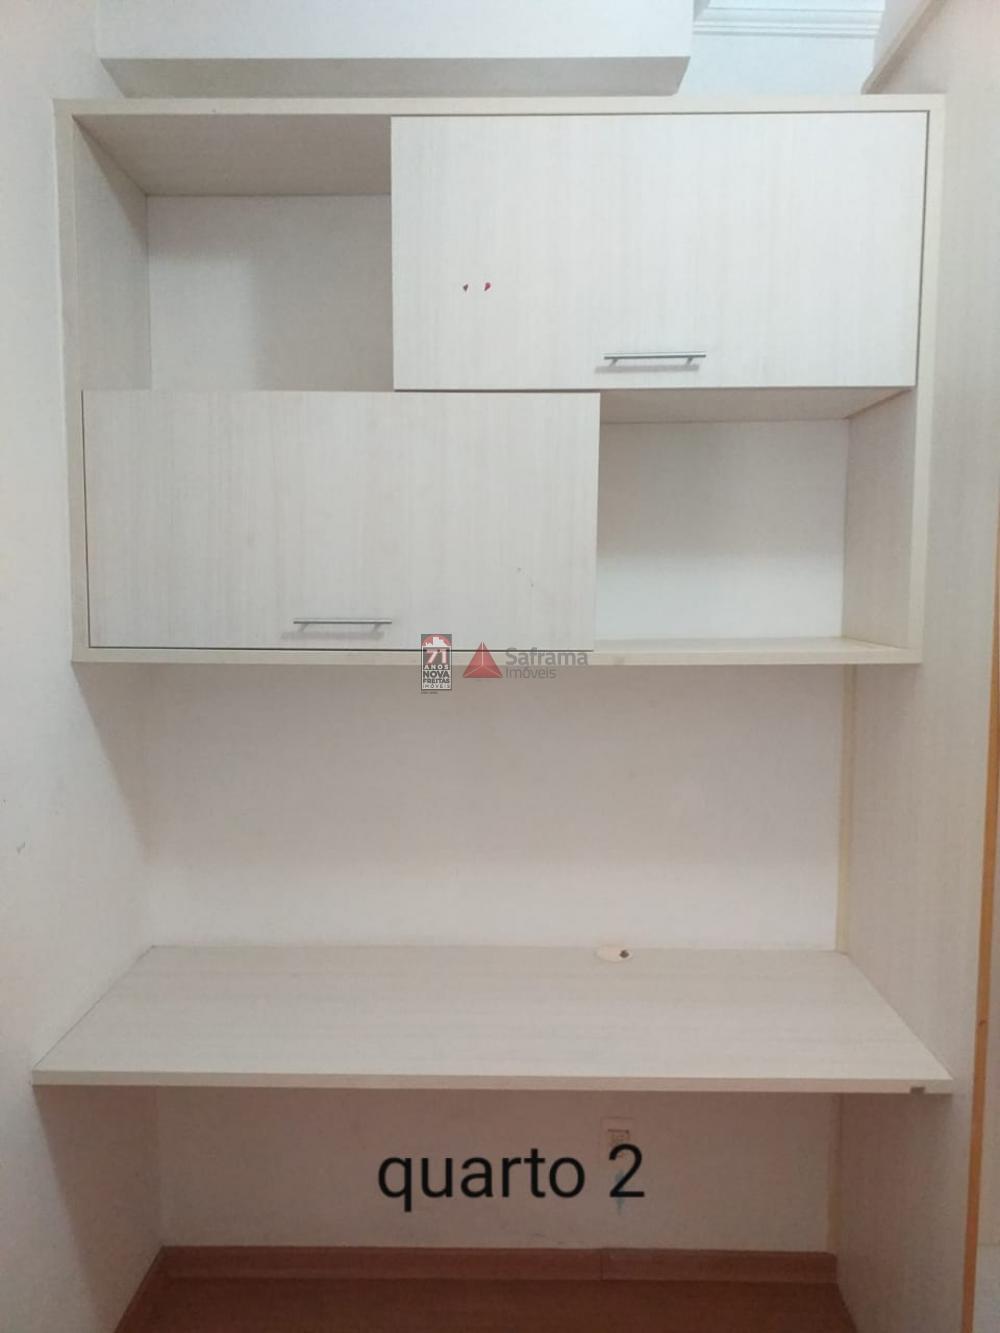 Comprar Apartamento / Padrão em São José dos Campos apenas R$ 550.000,00 - Foto 18